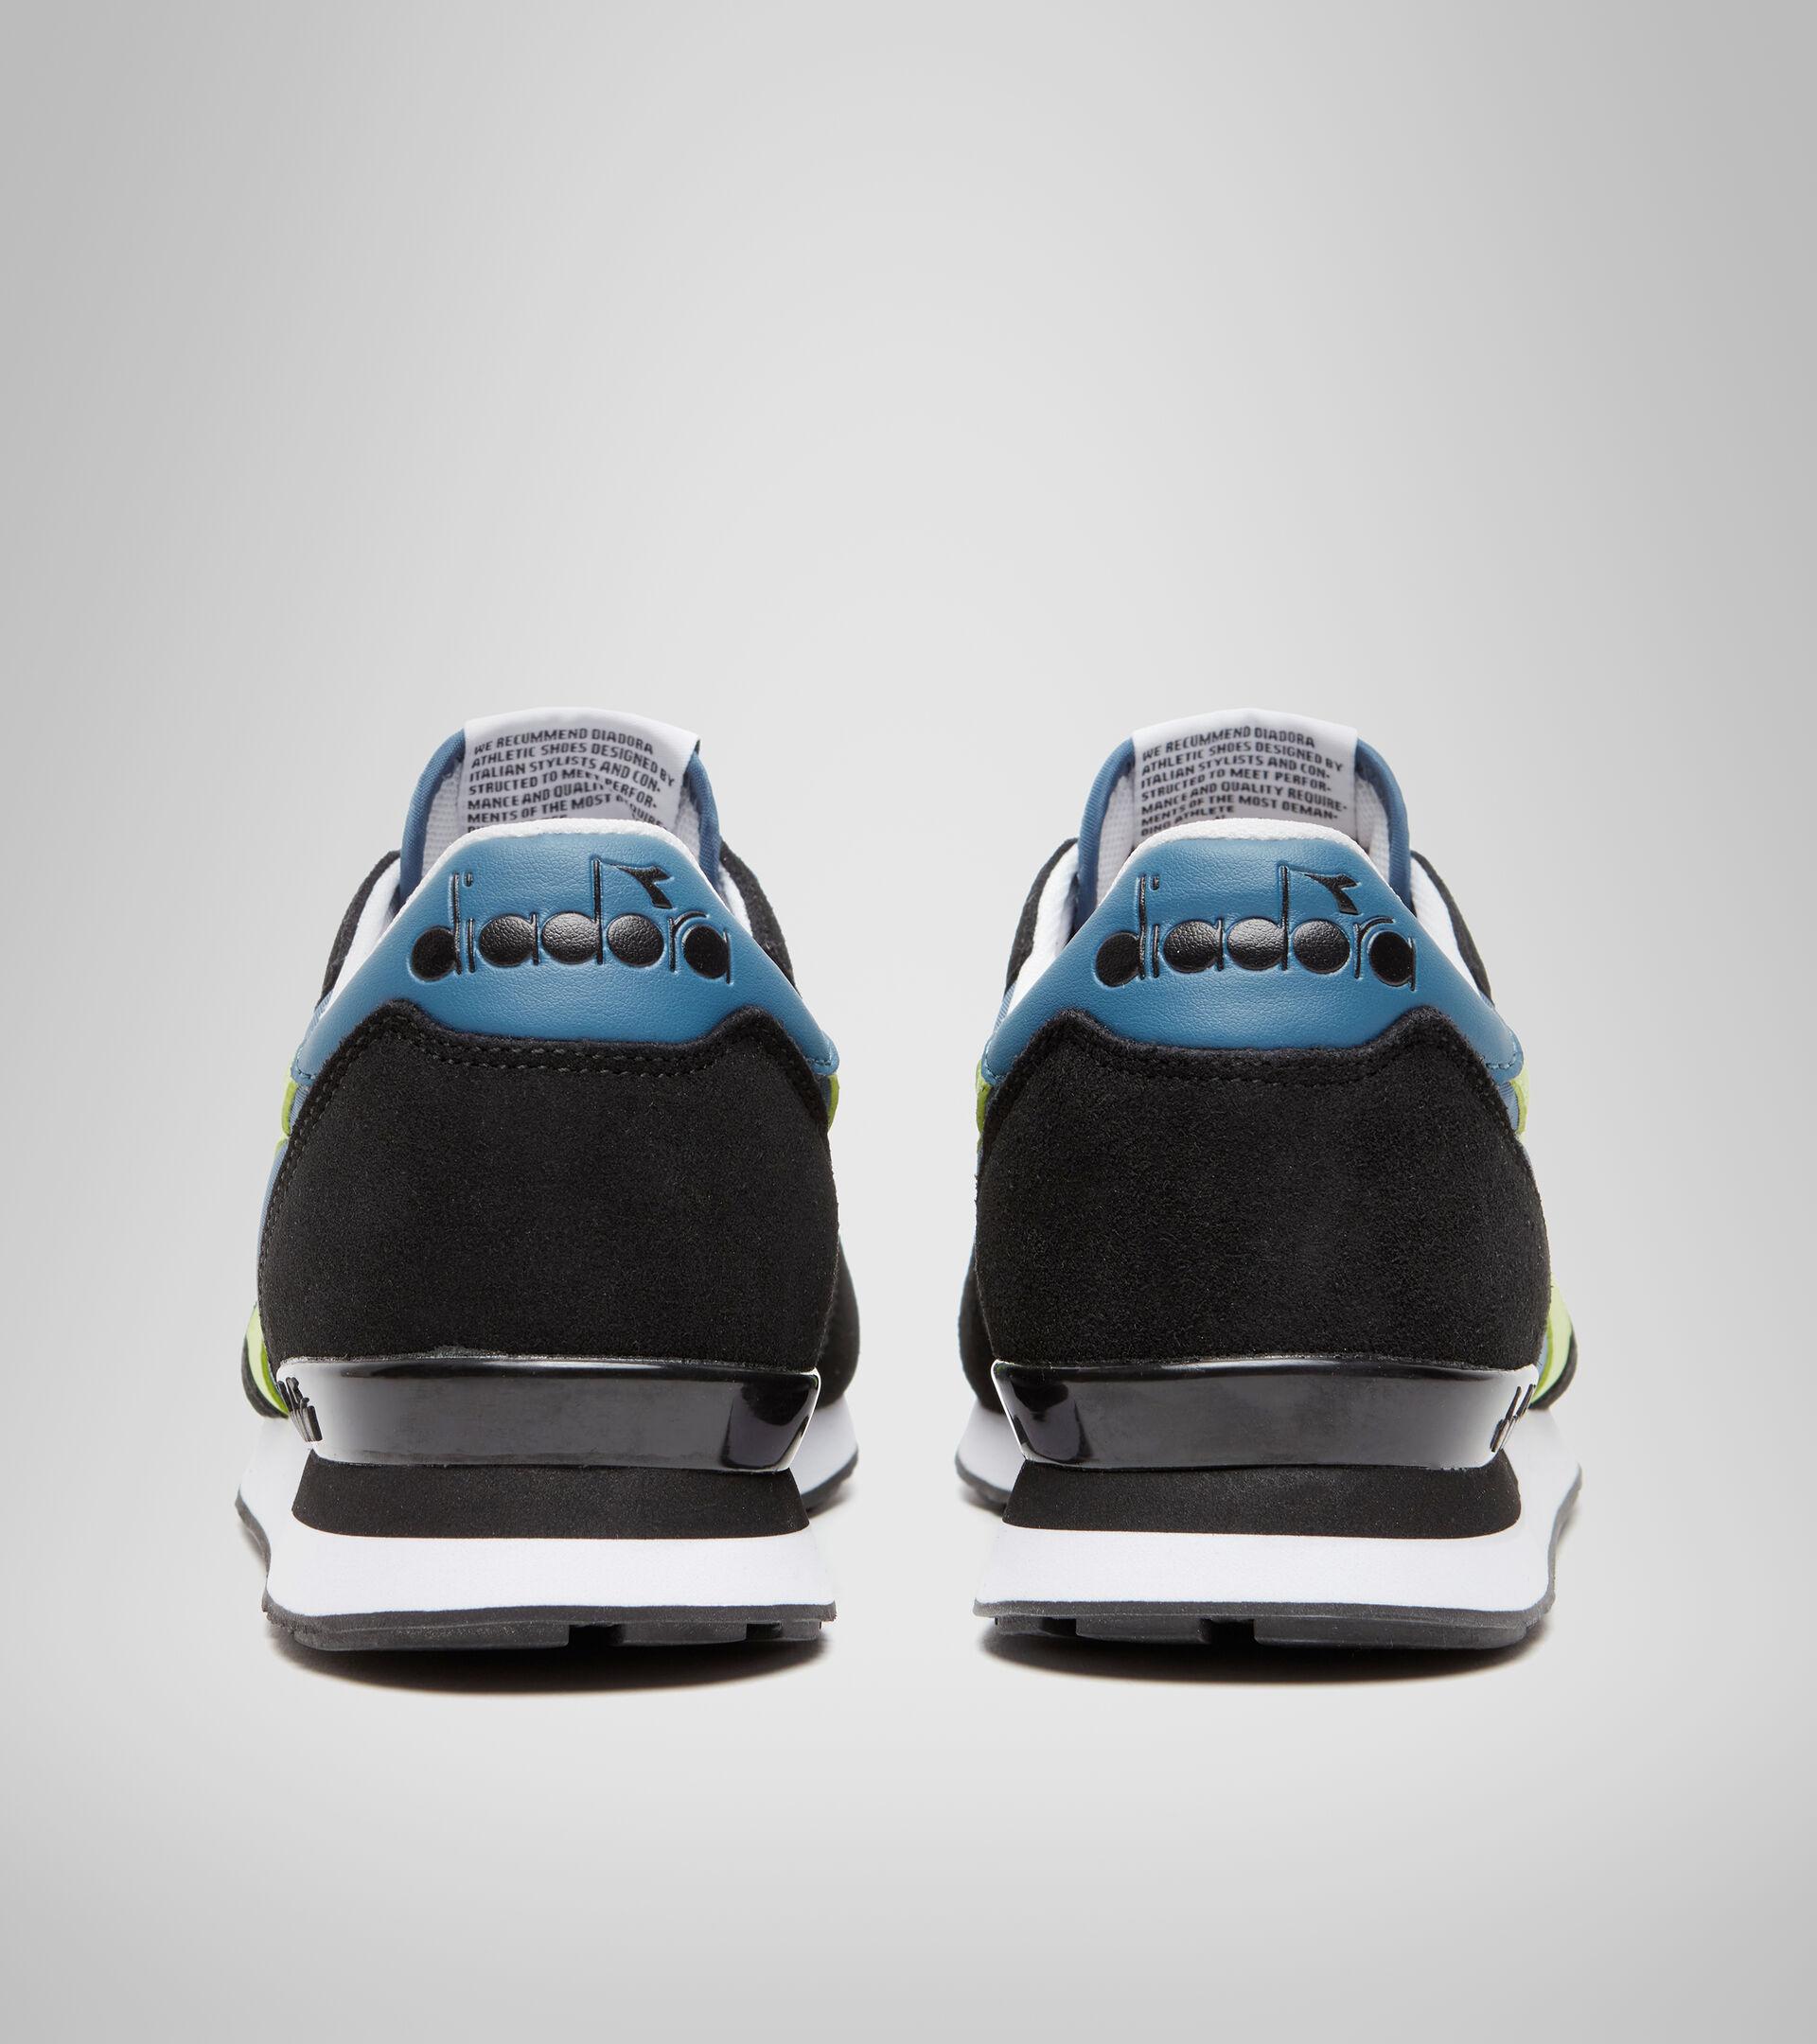 Trainer - Unisex CAMARO MIDNIGHT/BLACK - Diadora